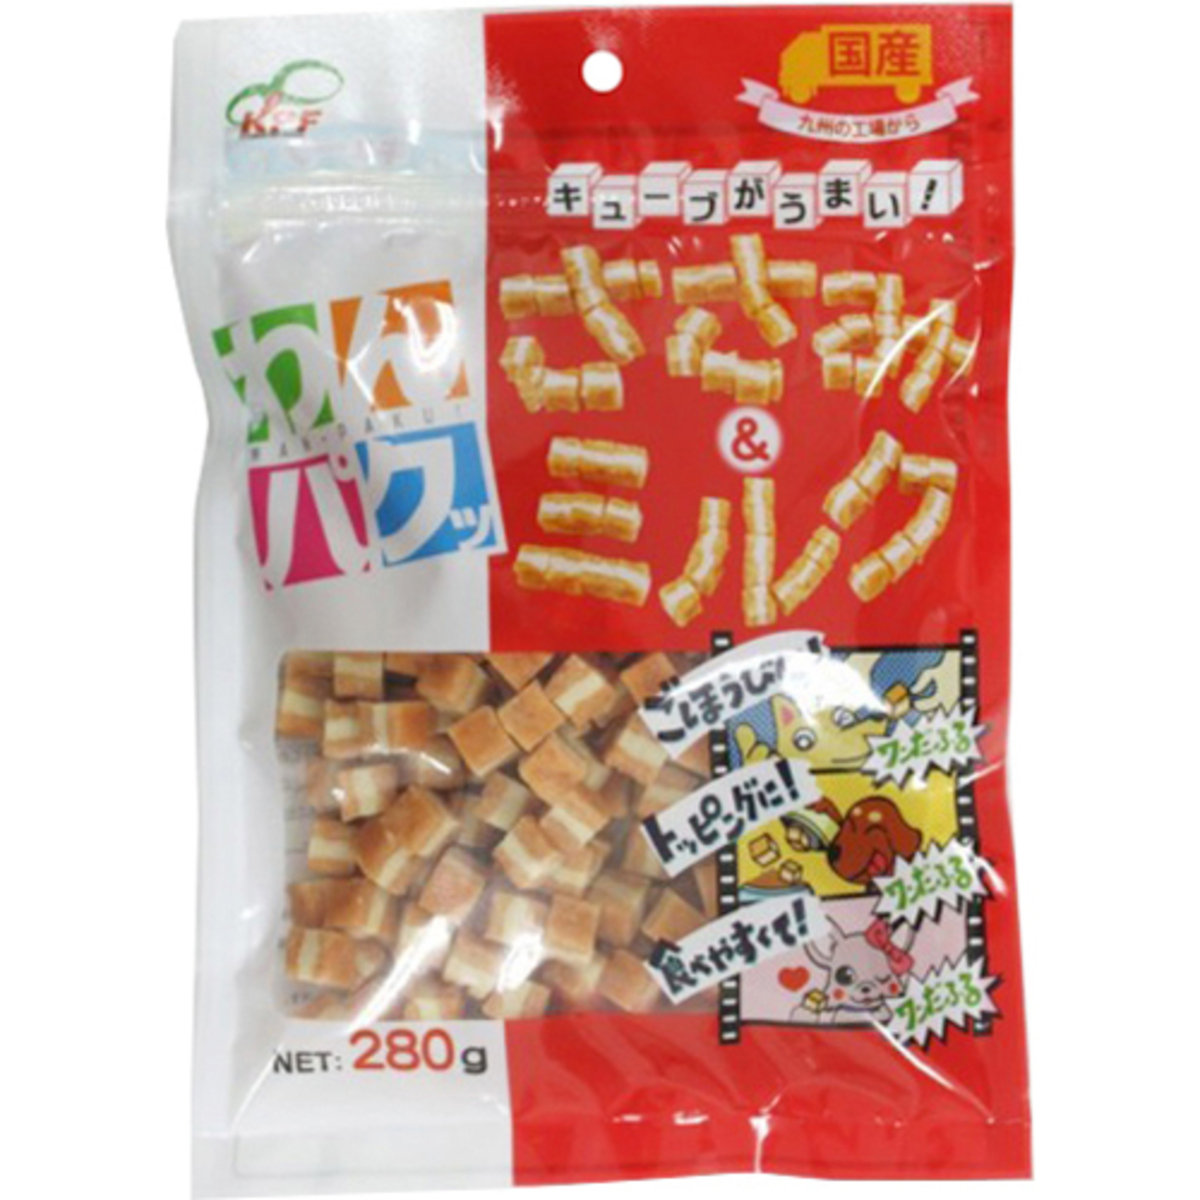 日本 KPF 牛奶雞肉方切粒 280g